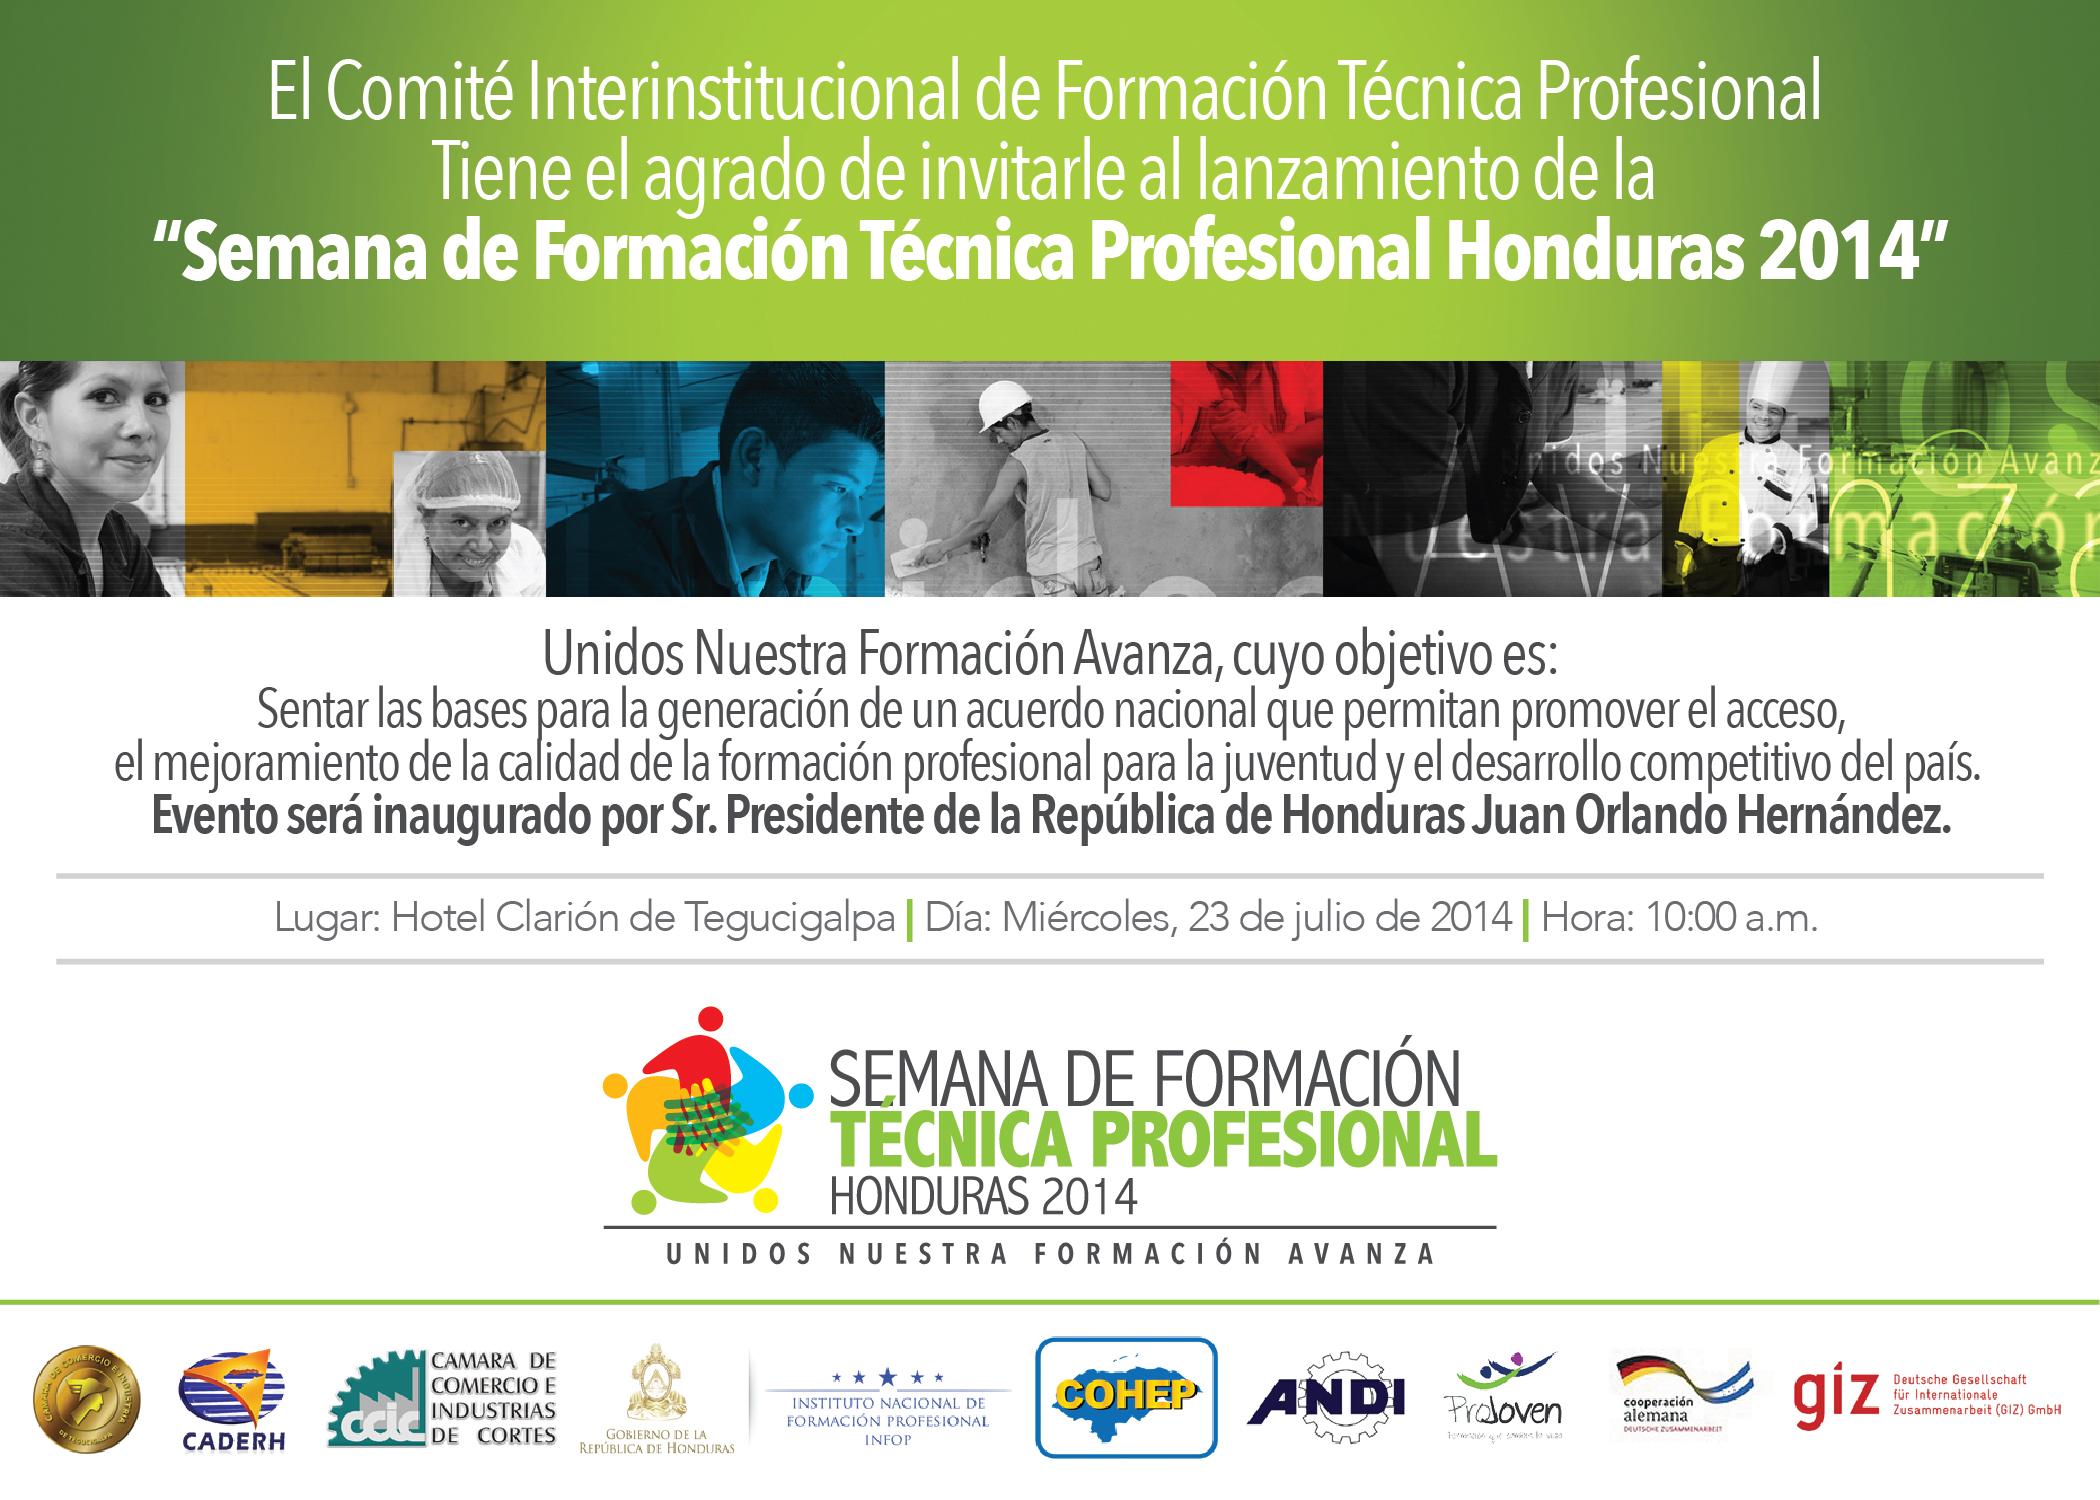 Semana de Formación Técnica Profesional Honduras 2014